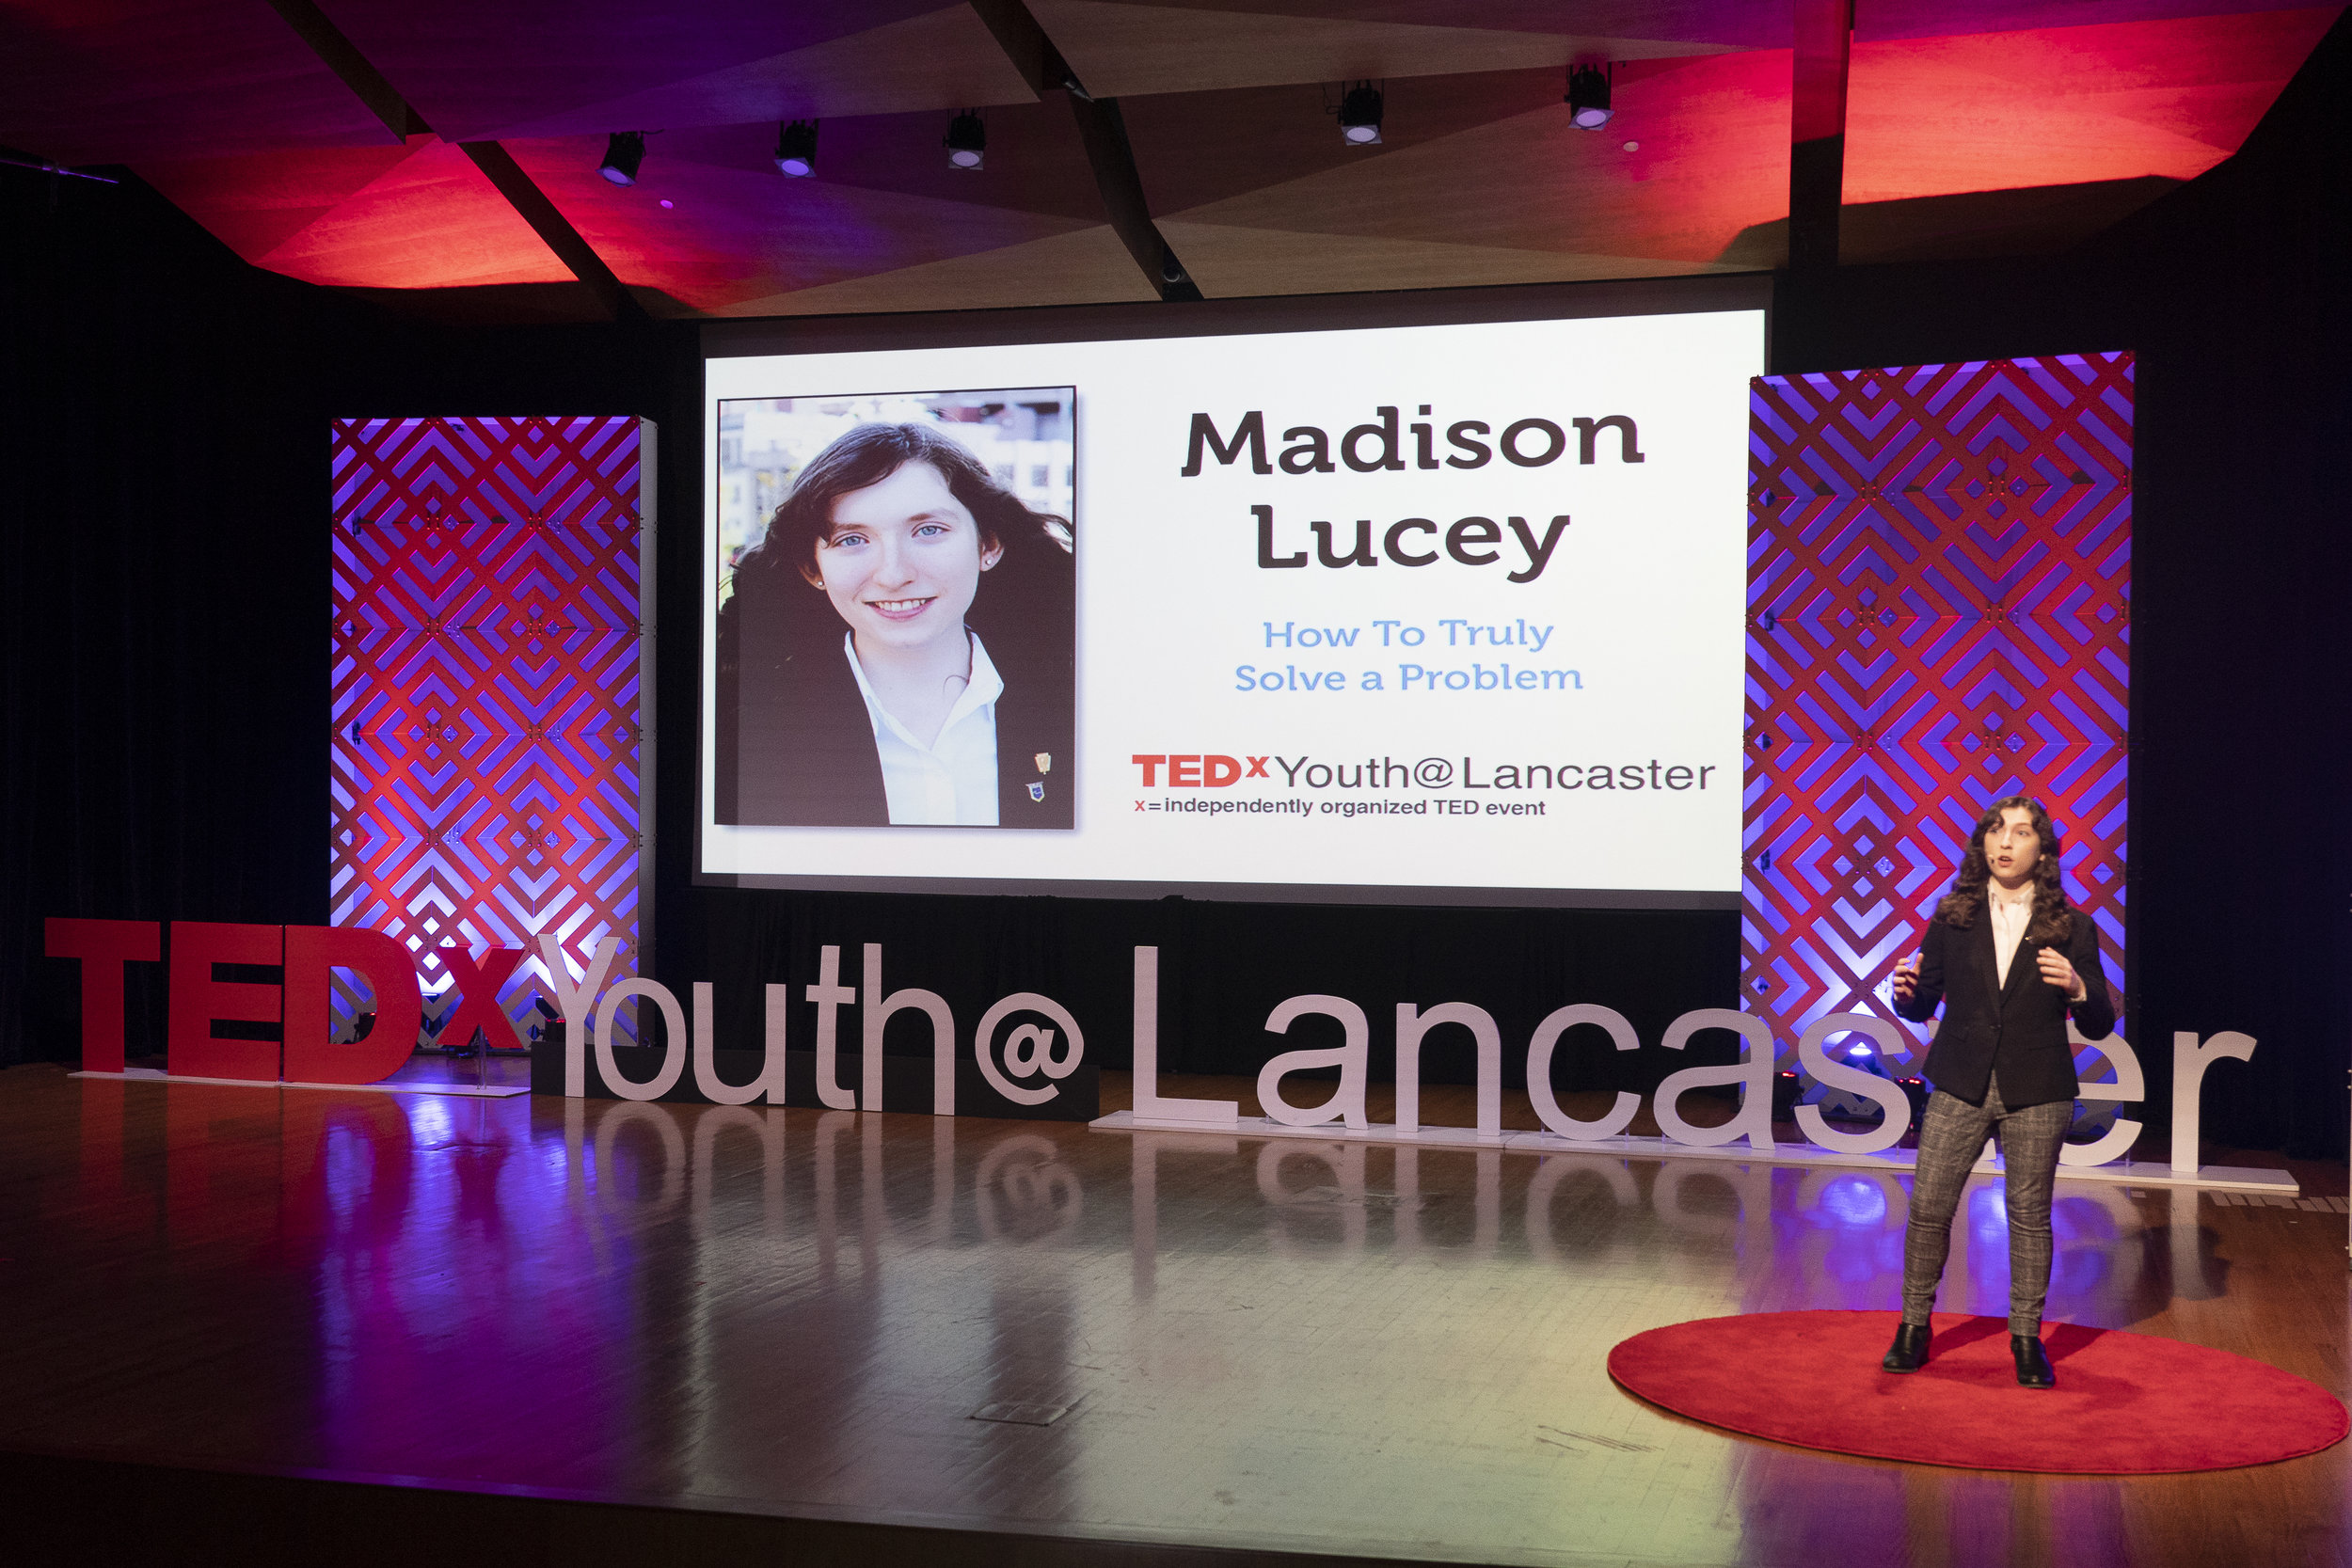 speaker-madison-lucey_48522774747_o.jpg